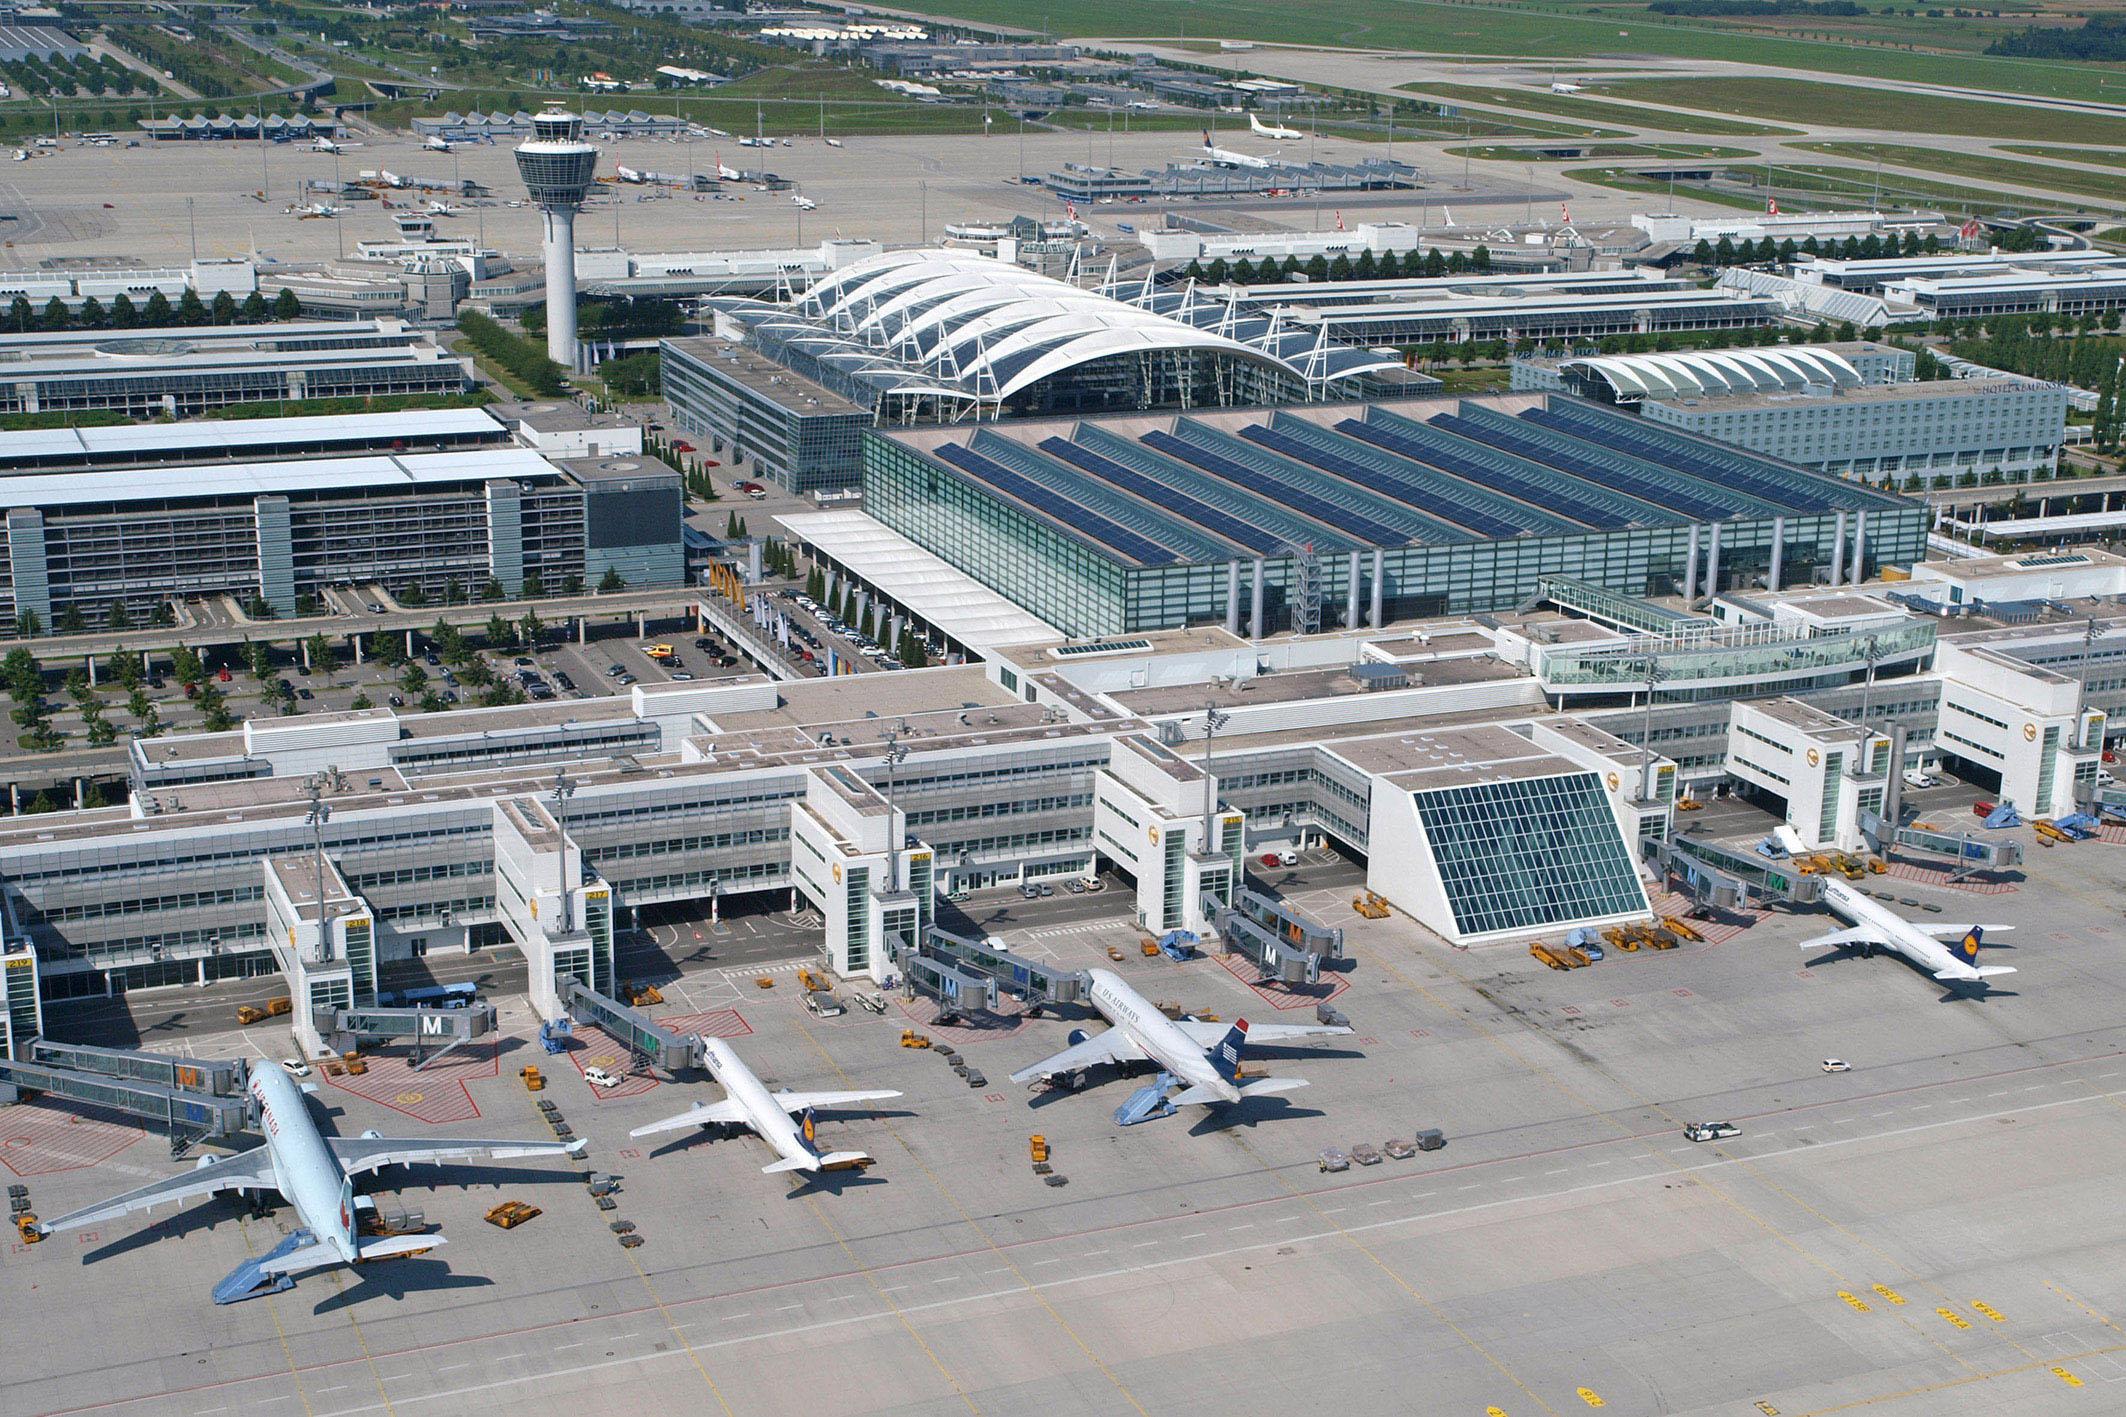 طراحی انبار پشتیبانی فرودگاه